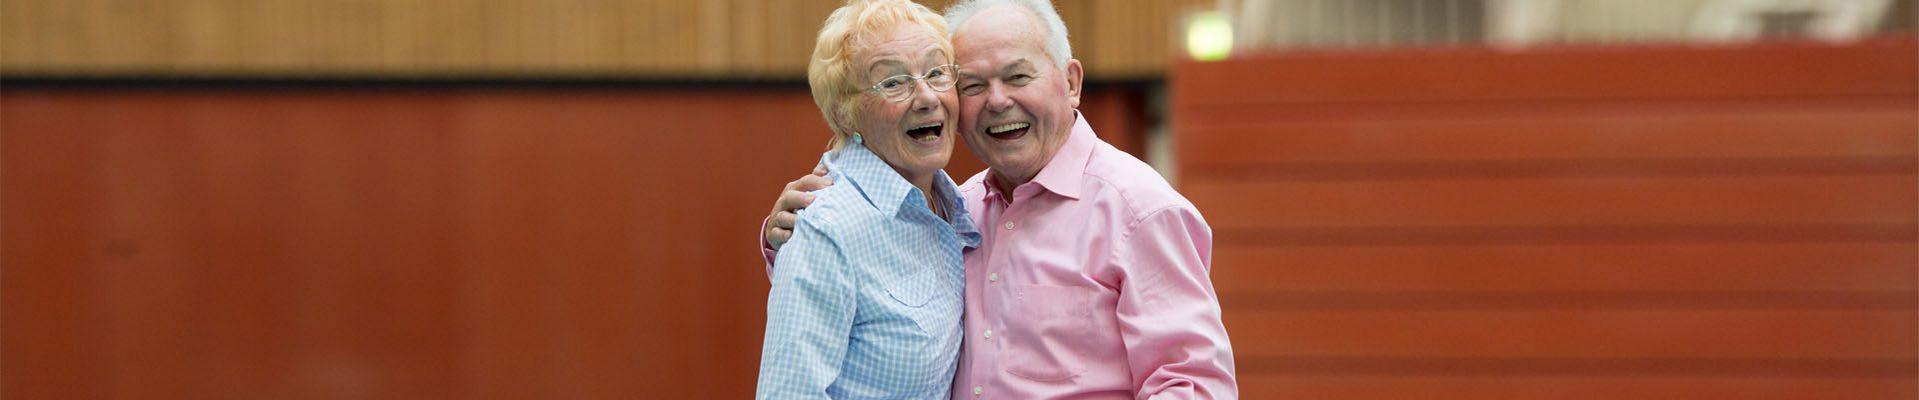 Freie Wohlfahrtspflege: Älteres Ehepaar tanzt